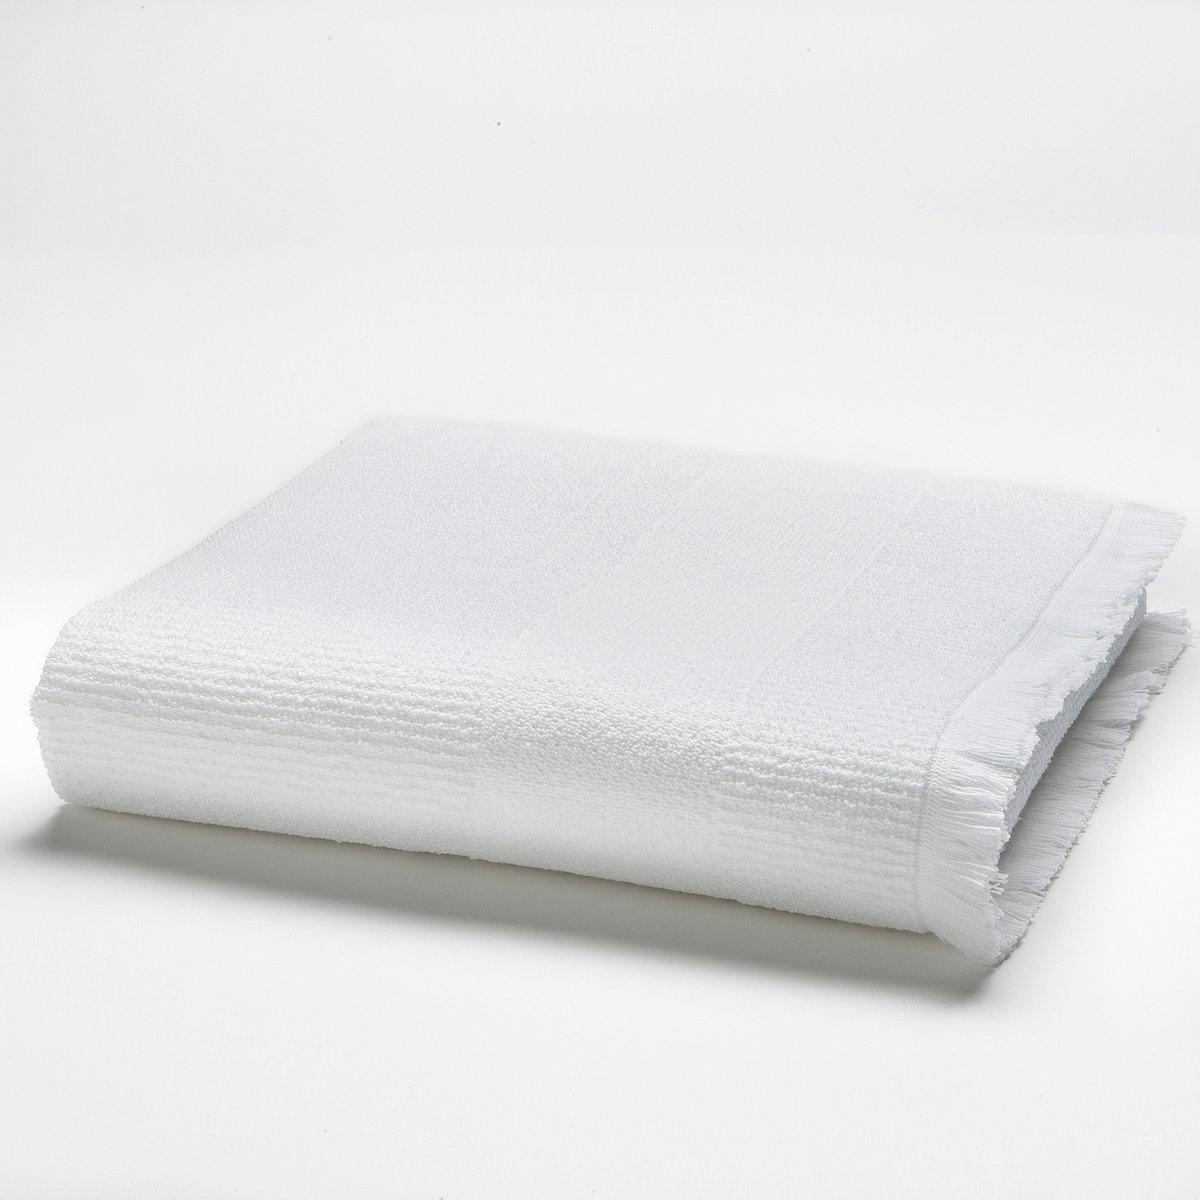 Полотенце банное махровое, 500 г/м?Описание:Банное полотенце из махровой ткани. Край отделан бахромой. 100% хлопка (500 г/м?). Мягкая и пышная махровая ткань с превосходными впитывающими свойствами. Машинная стирка при 60°.Машинная сушка.Размер полотенца:70 x 140 см.<br><br>Цвет: белый<br>Размер: 70 x 140 см